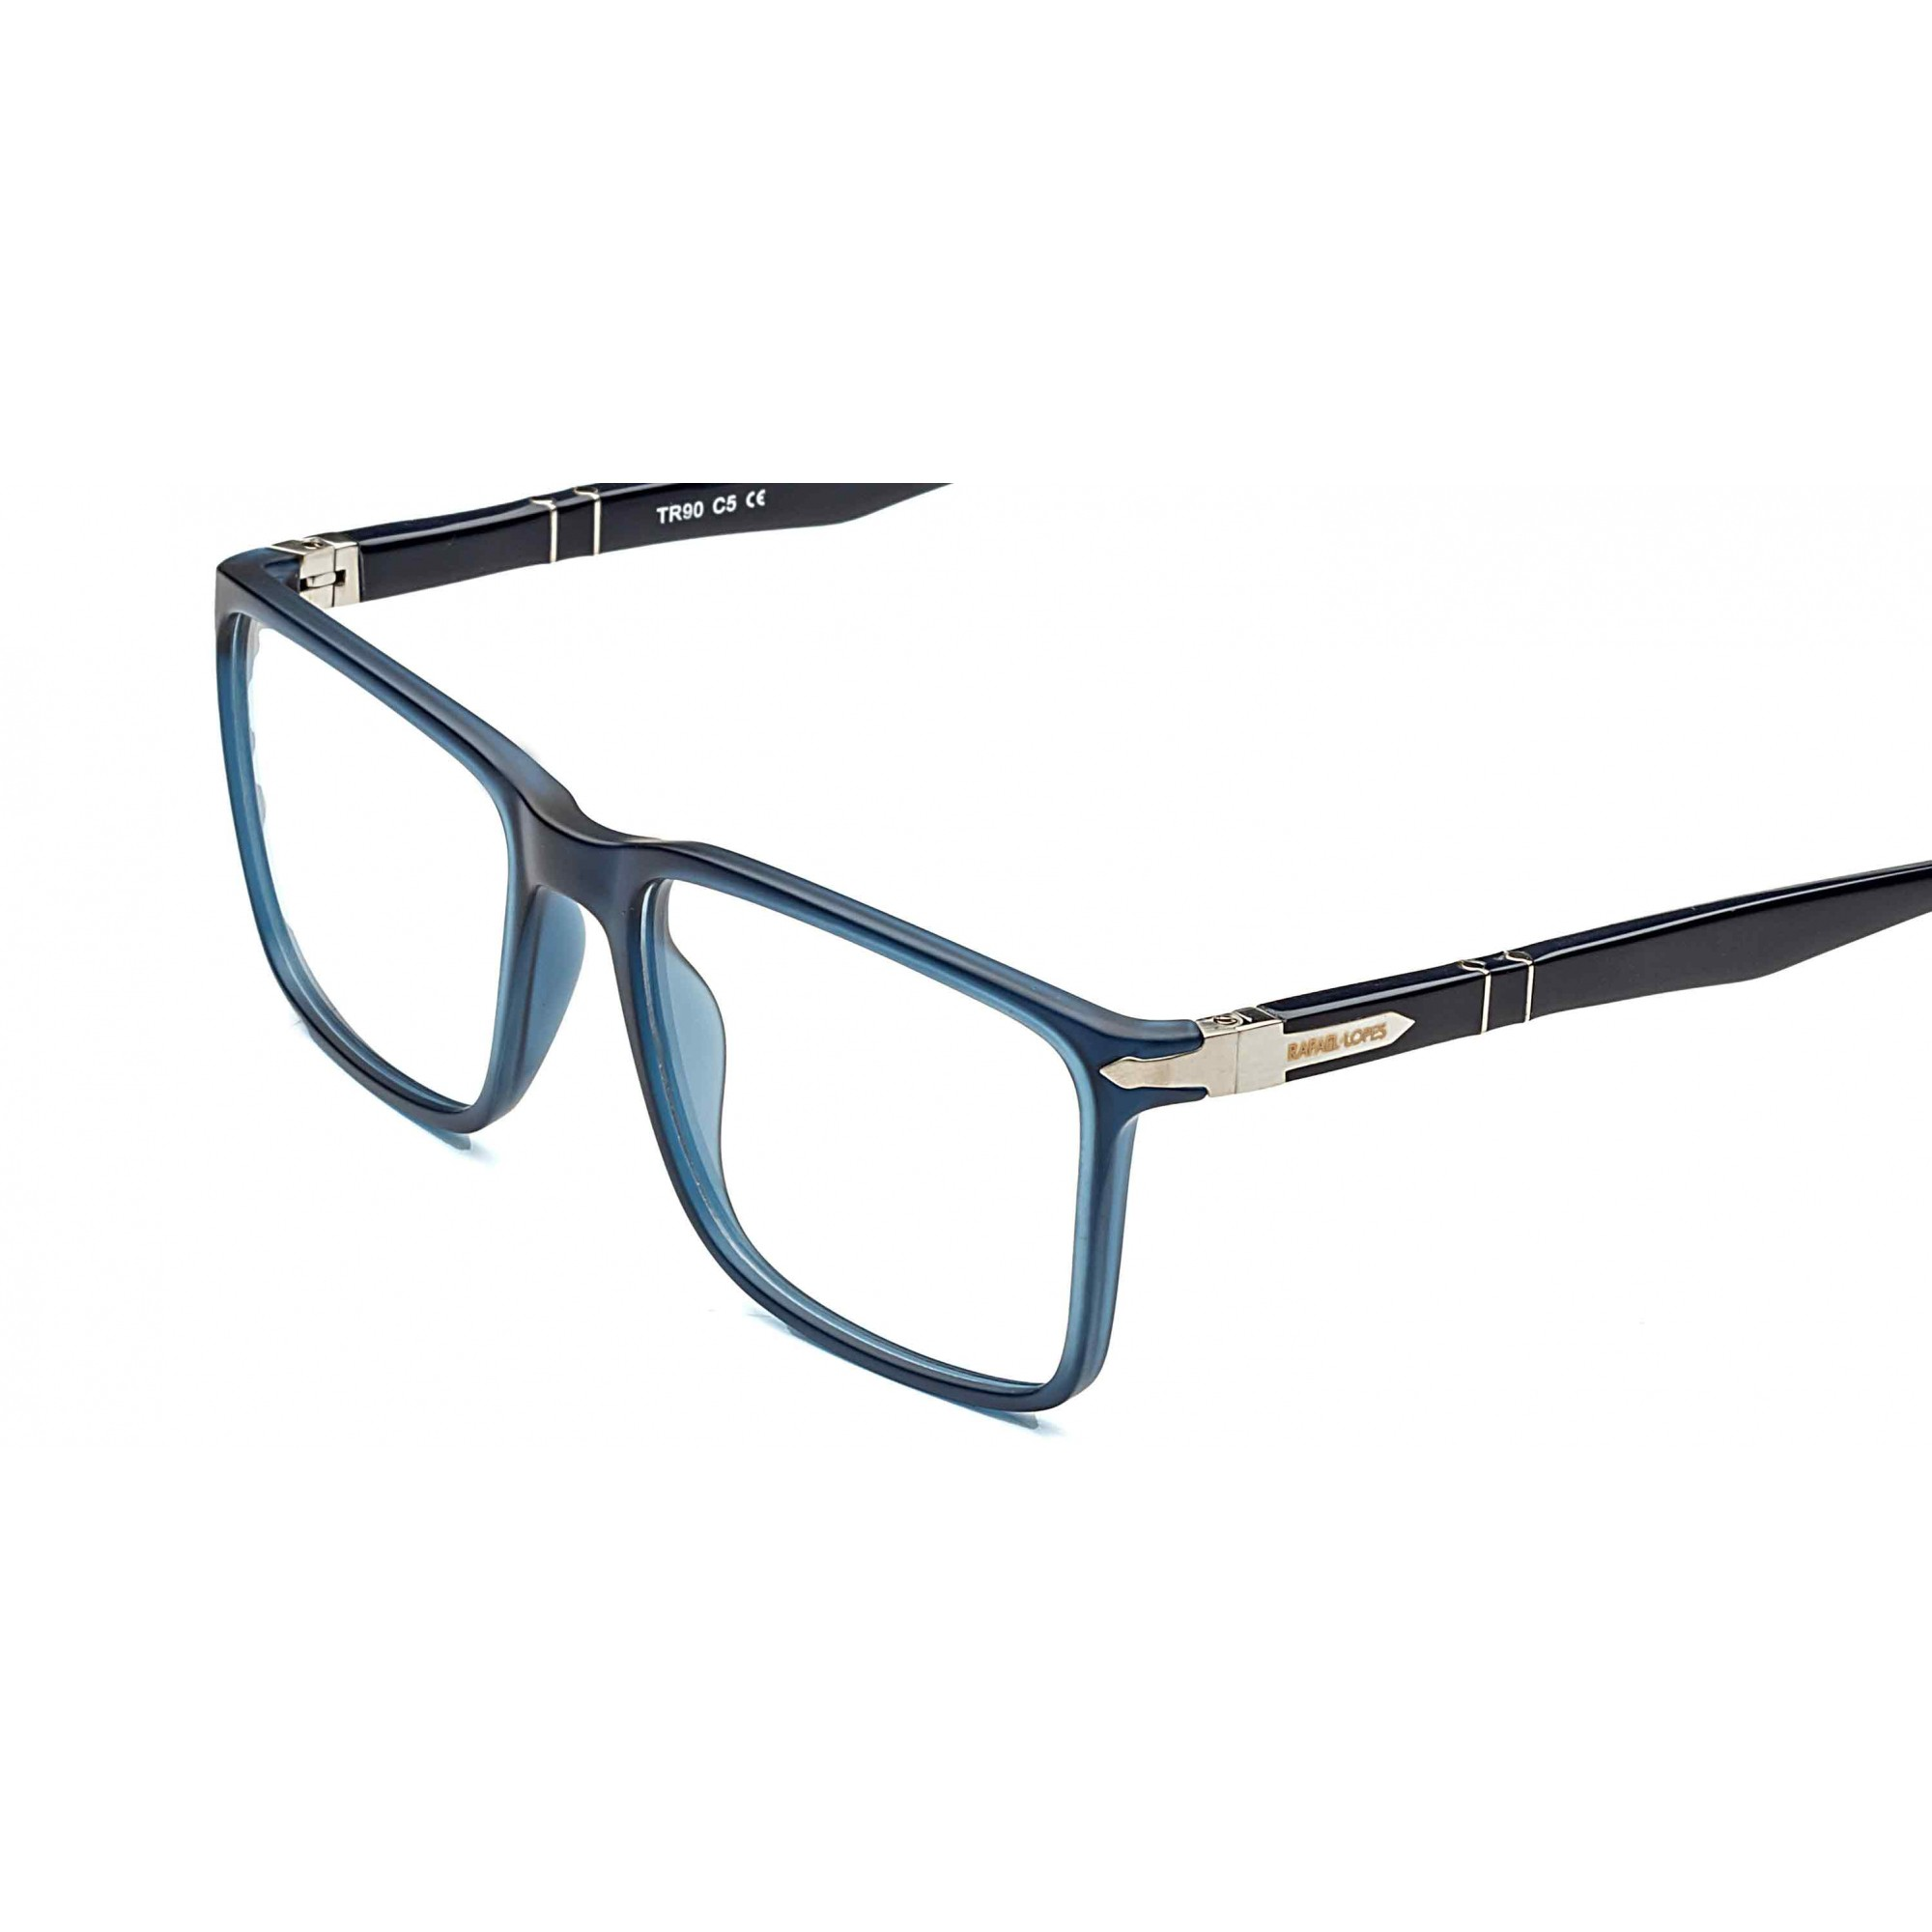 Óculos de Grau Bond Rafael Lopes